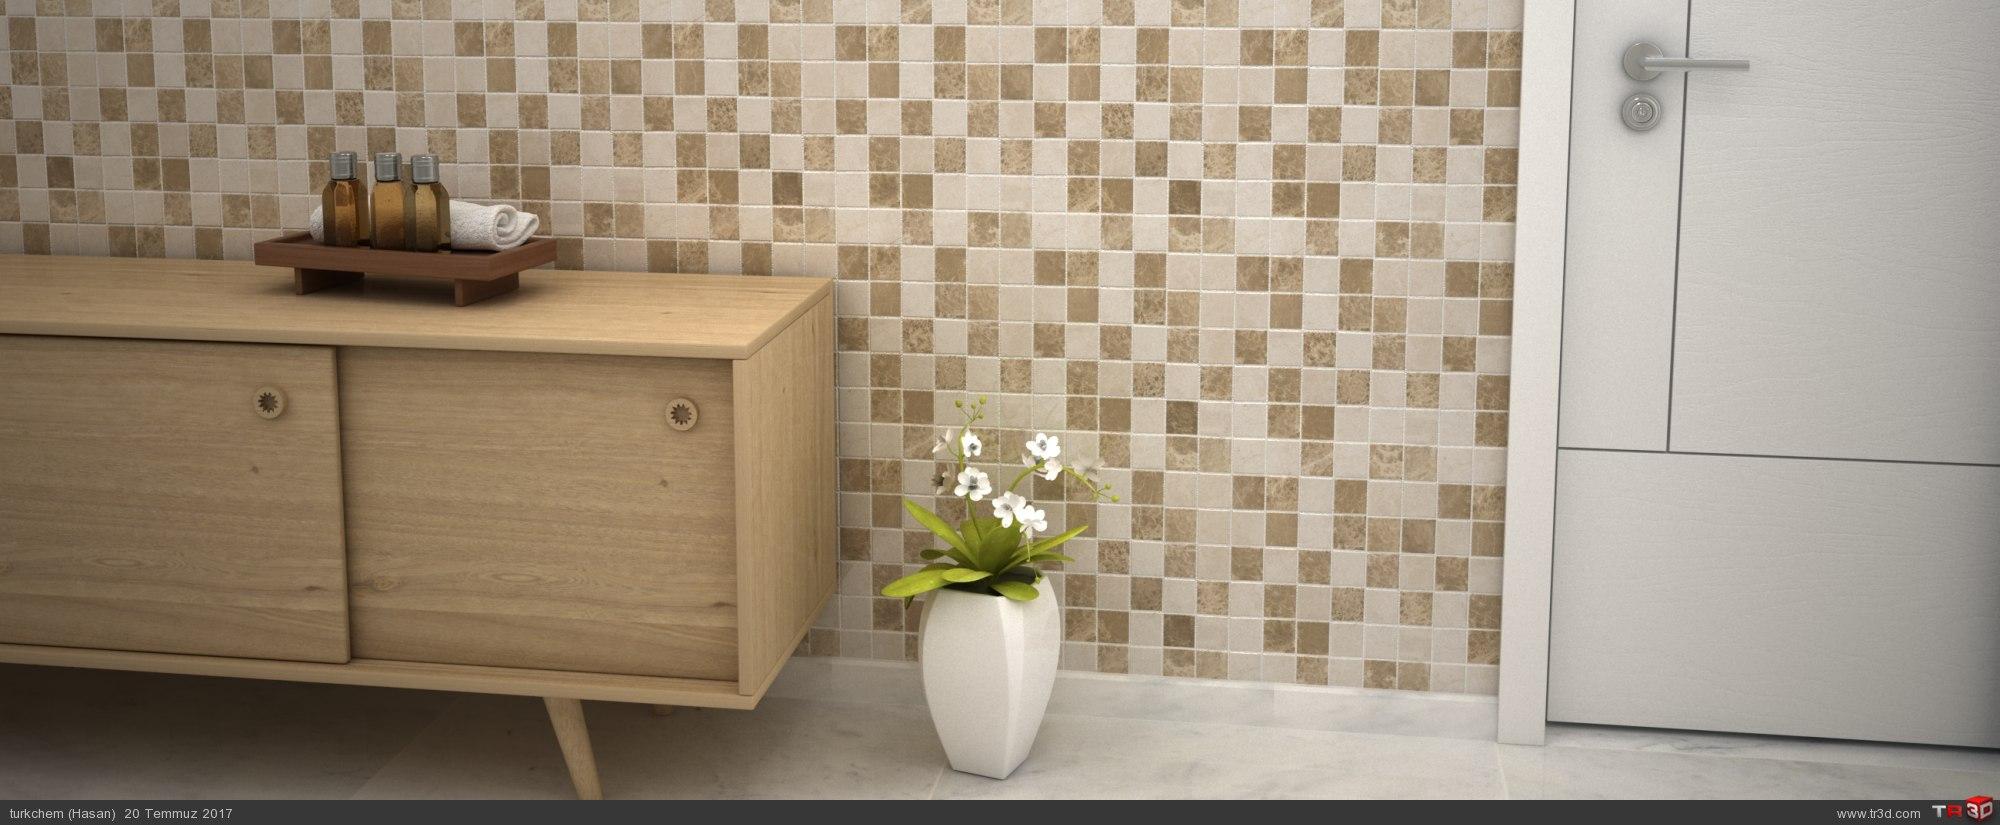 Mix Marble Mosaics